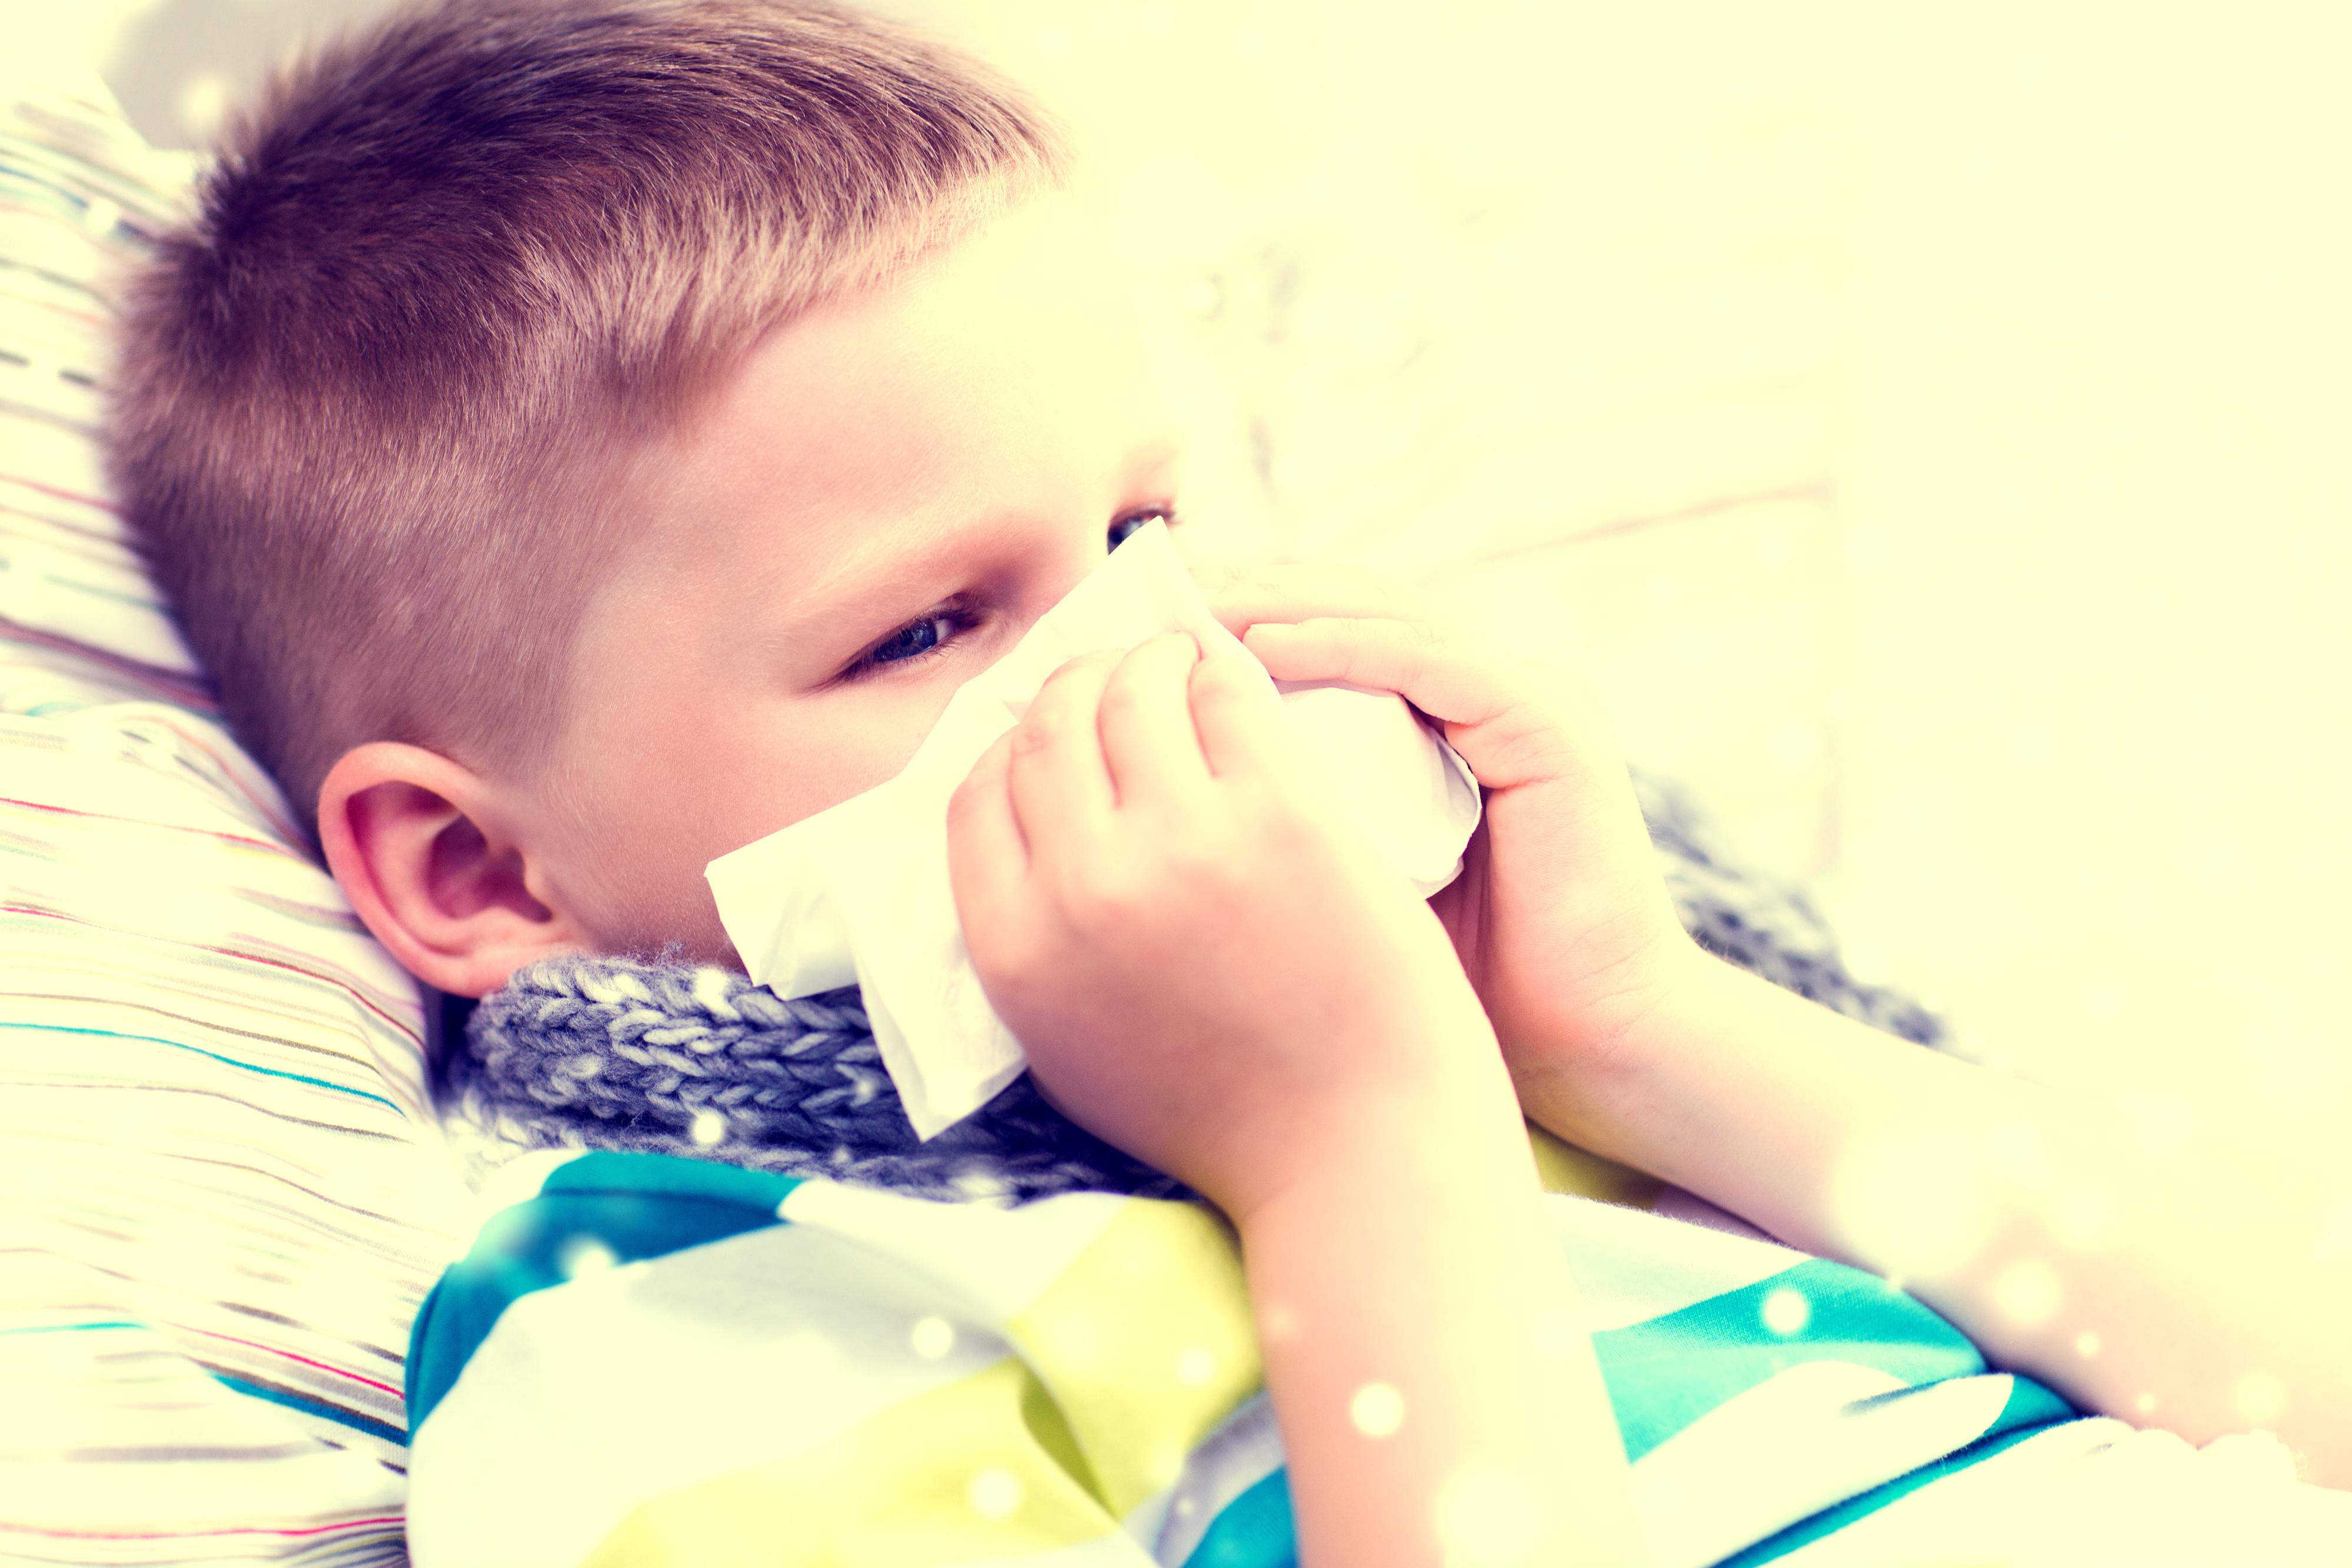 аллергия верхних дыхательных путей симптомы